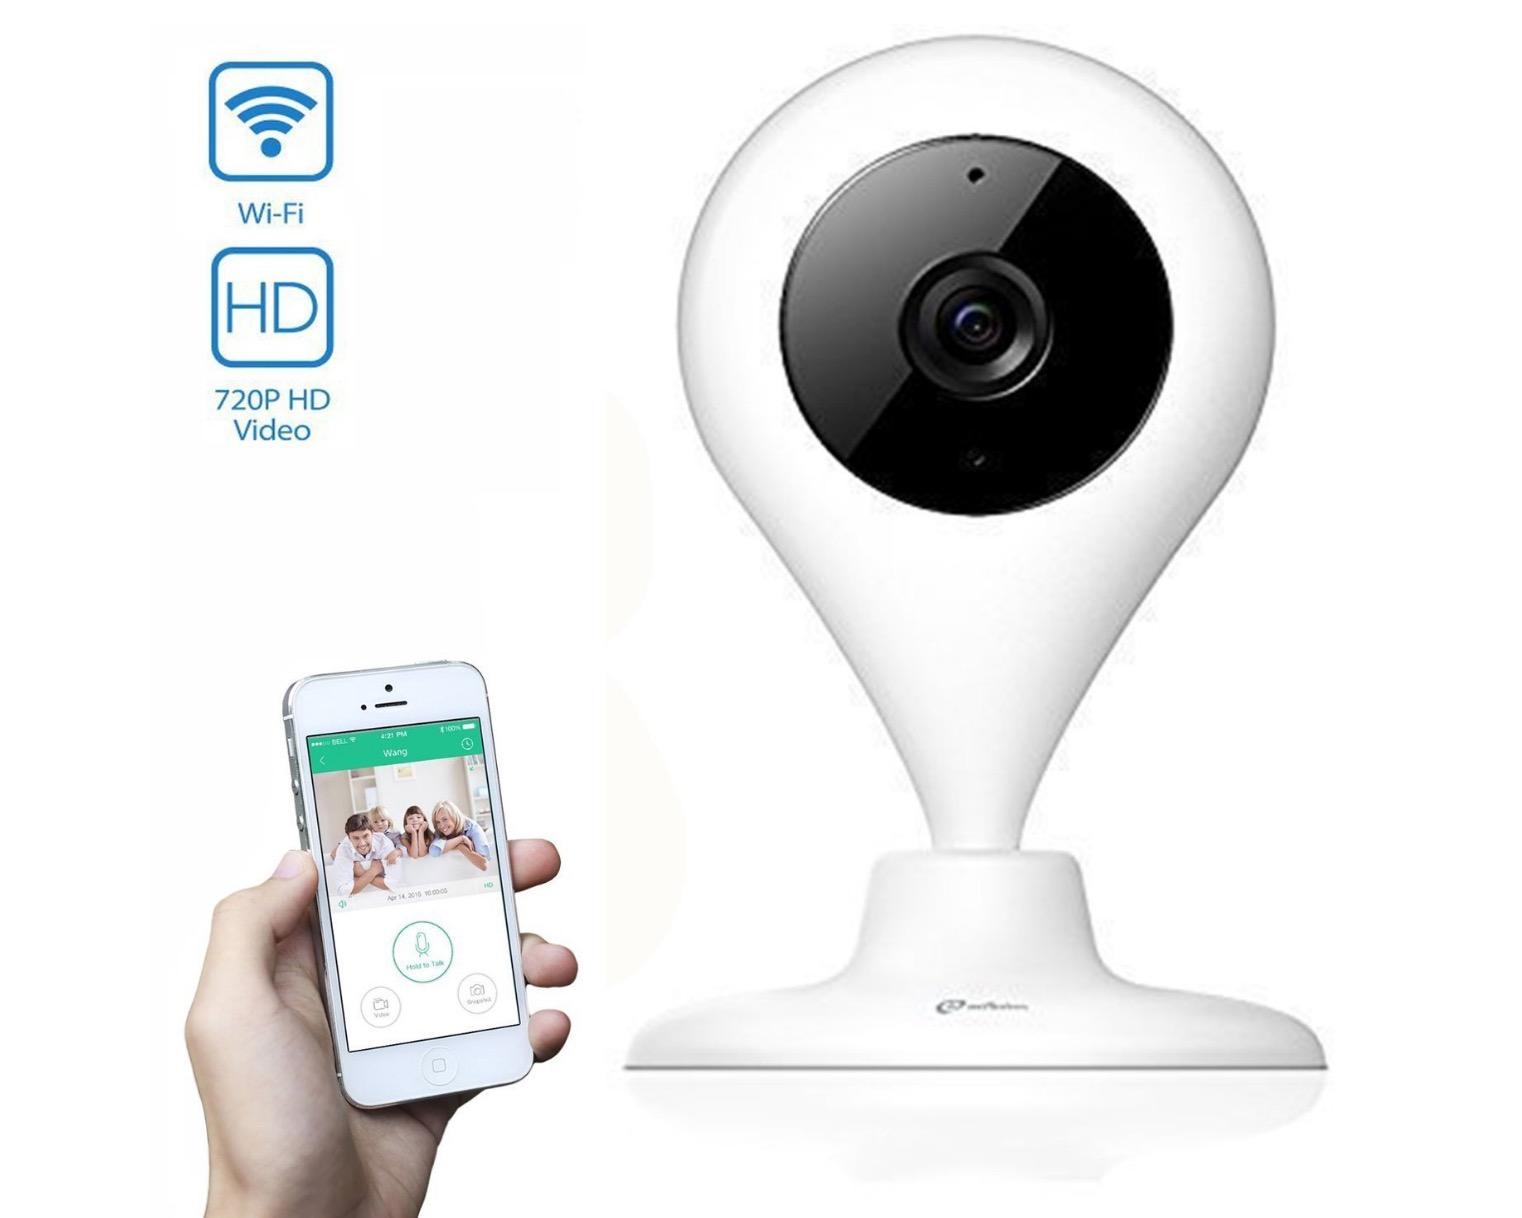 Sconti lampo su Amazon: cannocchiale smartphone 50€, hub USB-C 17€, telecamera wireless 28 ...